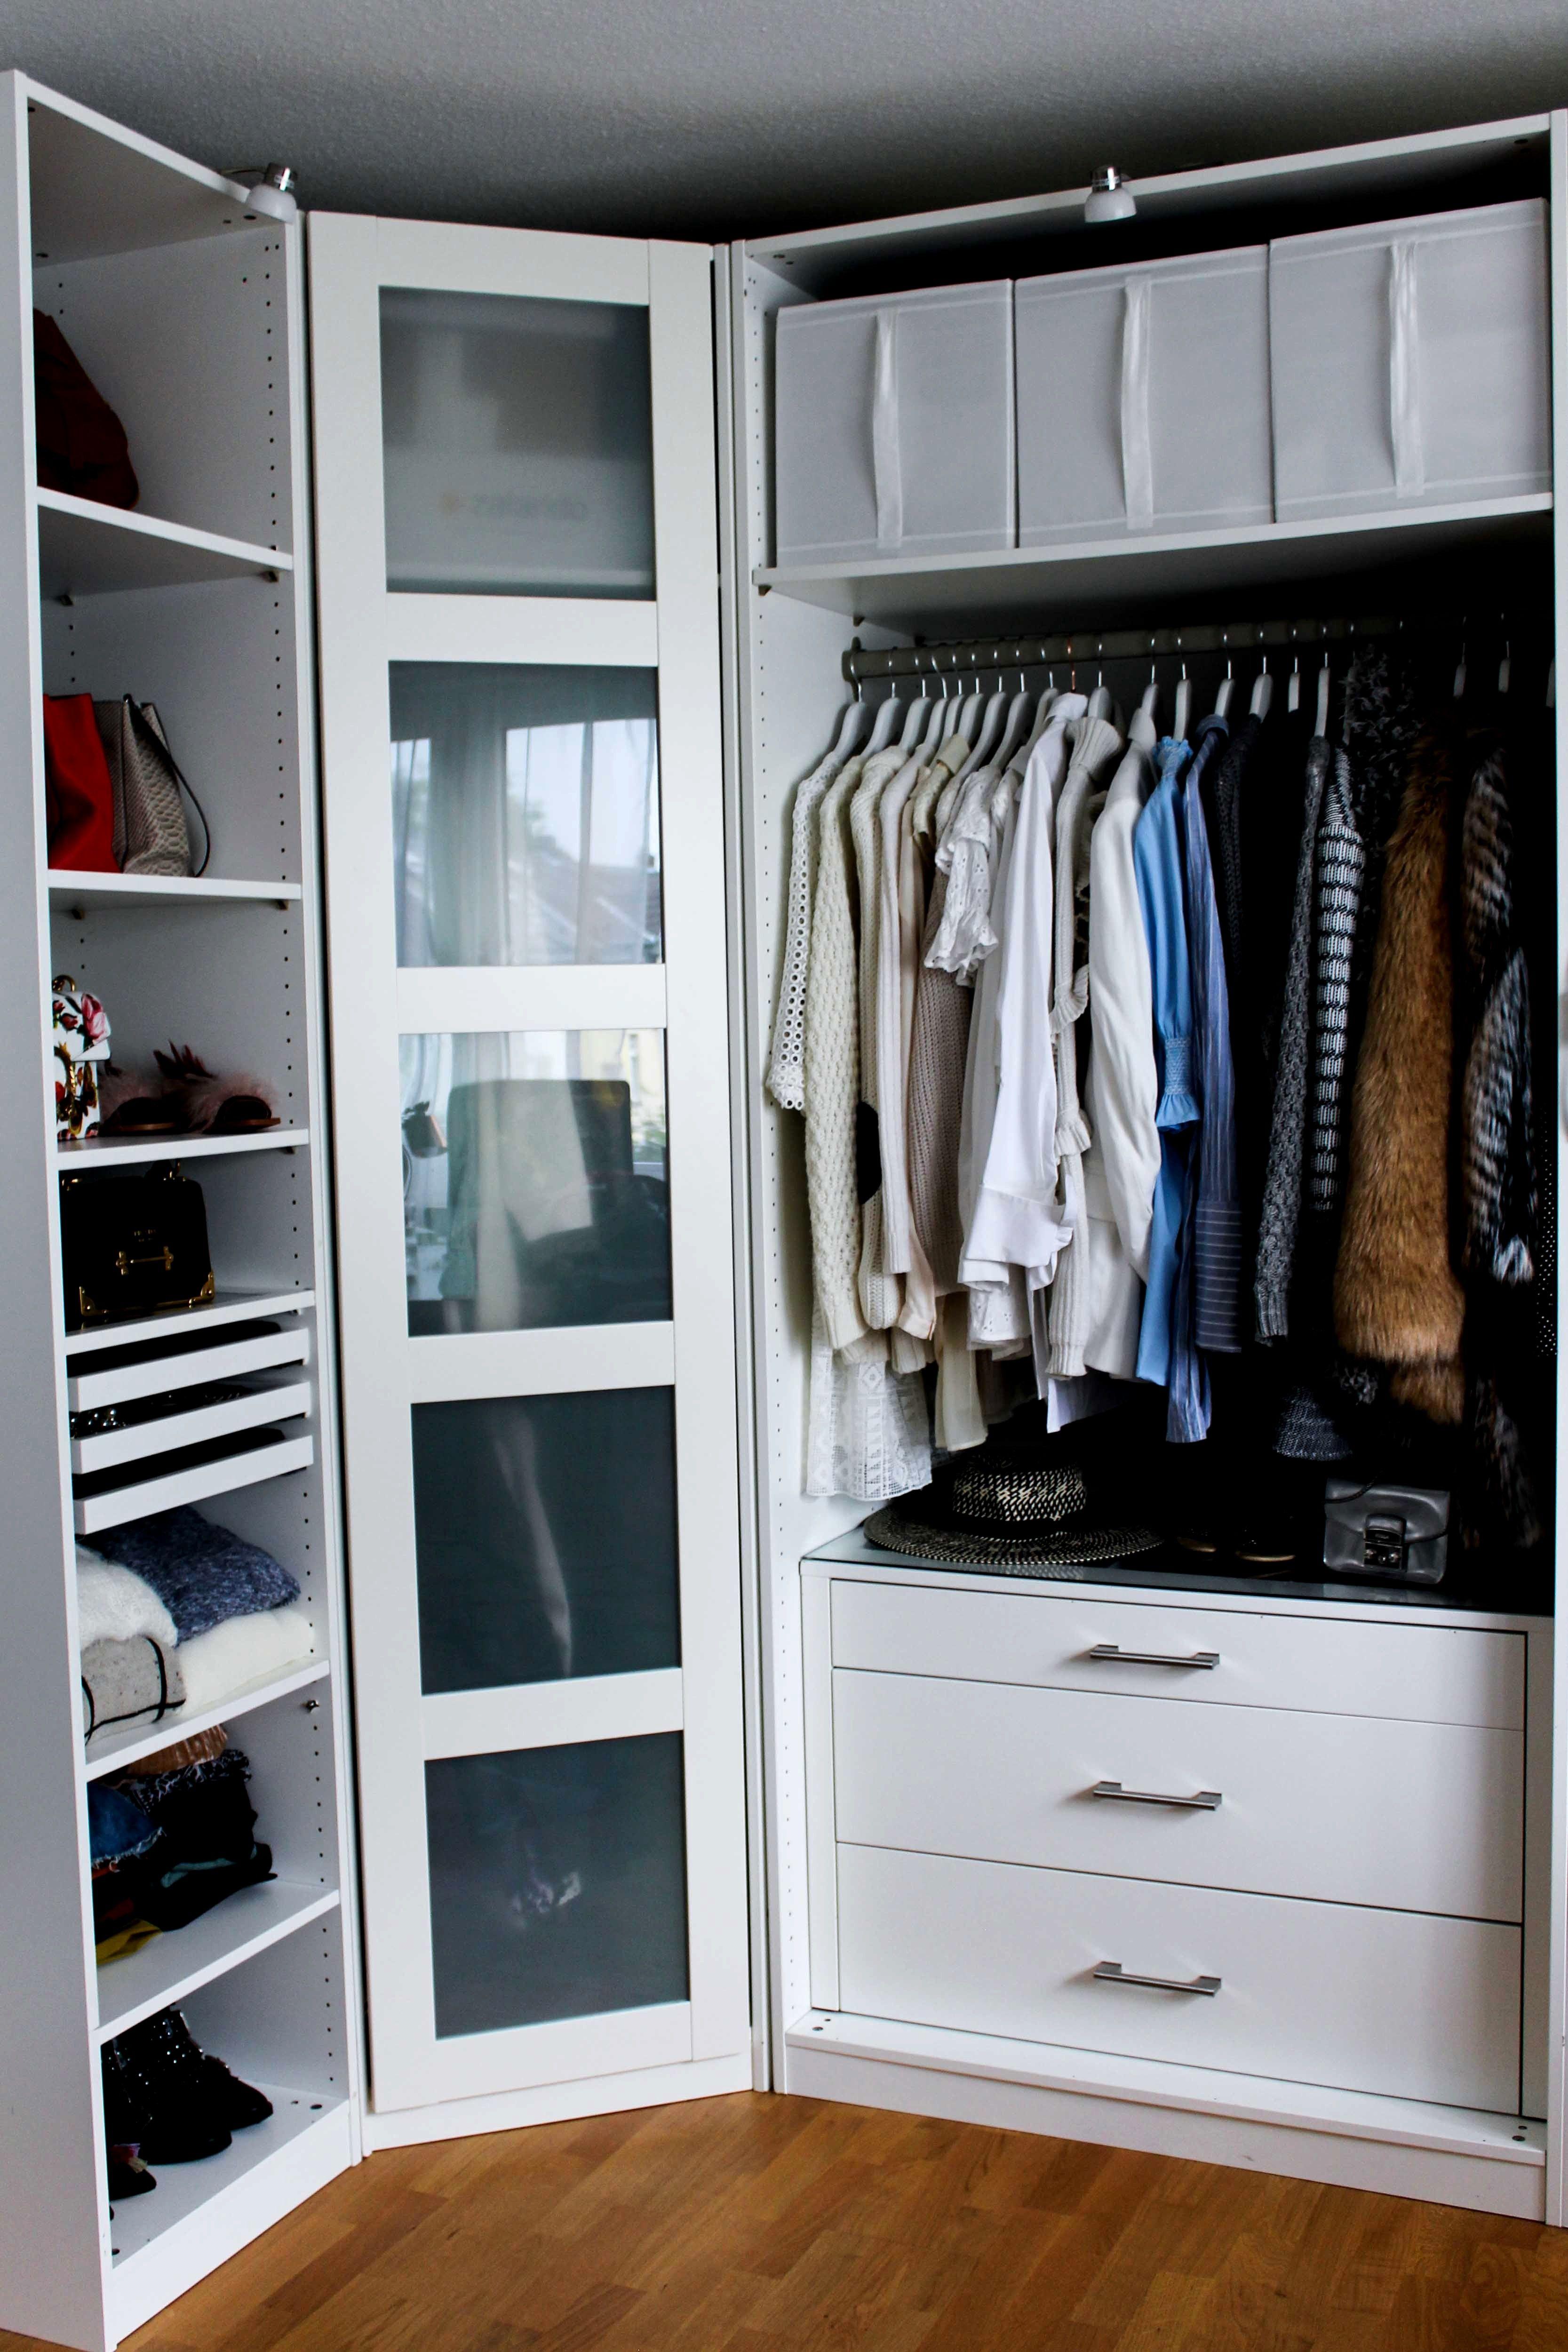 13 Lebendig Bilder Von Pax Schrank Wohnzimmer Ikea Schlafzimmer Schrank Ankleidezimmer Ankleide Zimmer